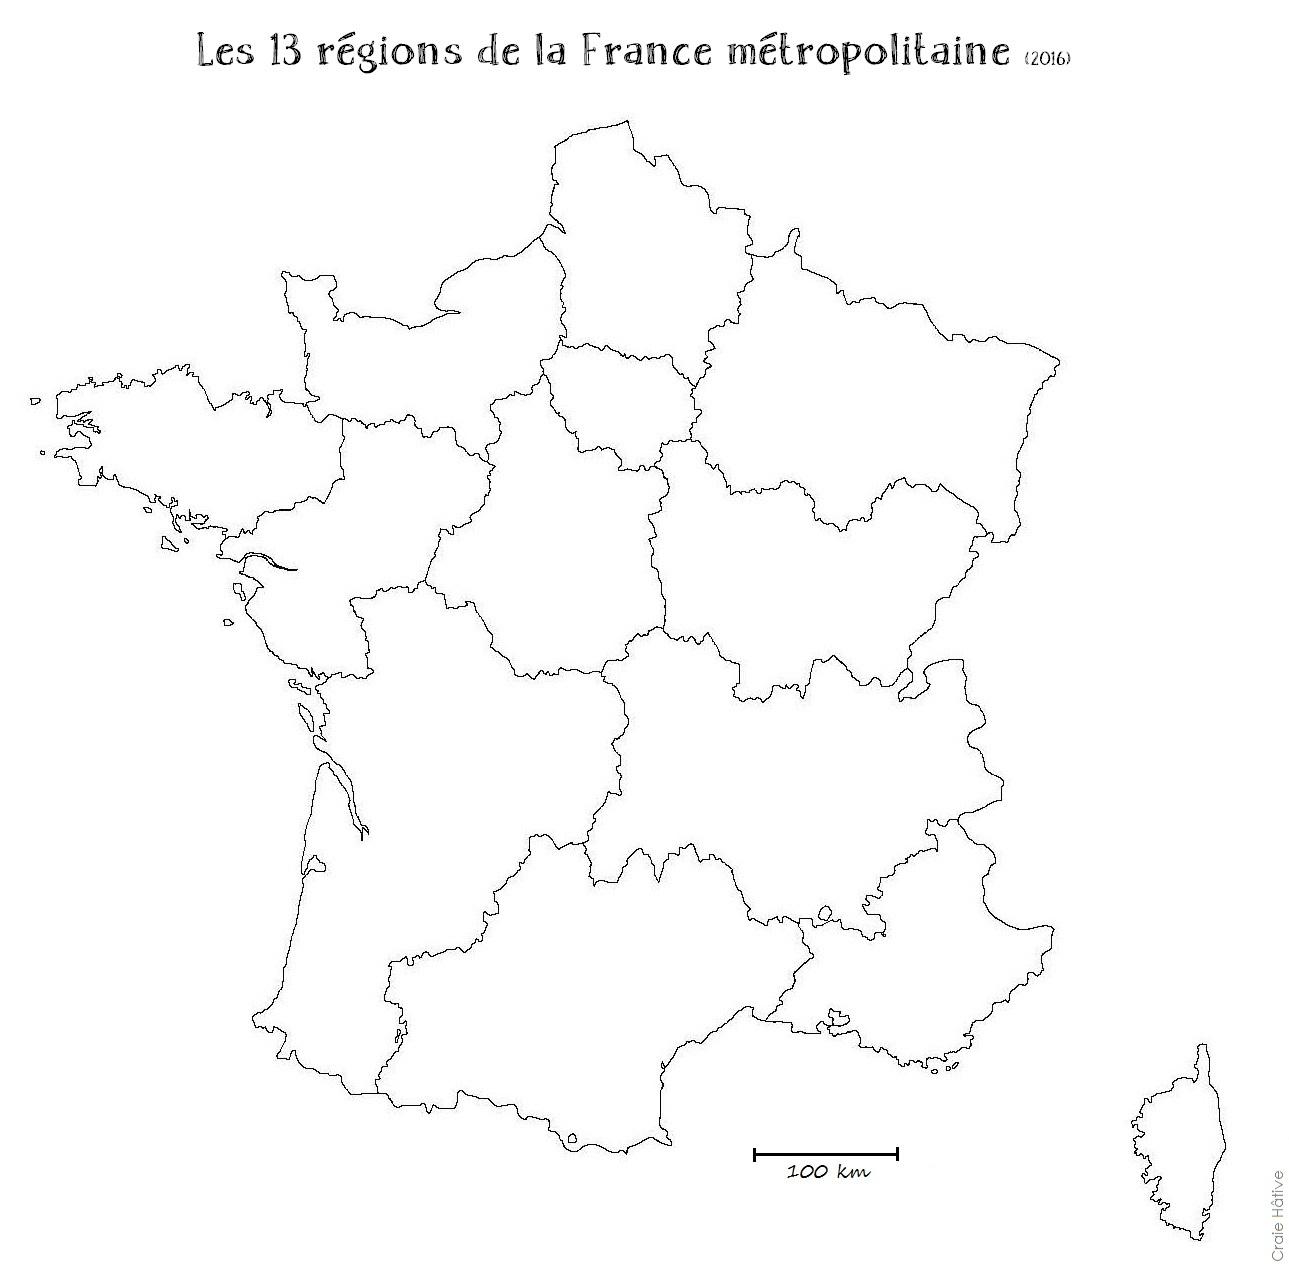 Cartes Des Régions De La France Métropolitaine - 2016 serapportantà La Carte De France Et Ses Régions